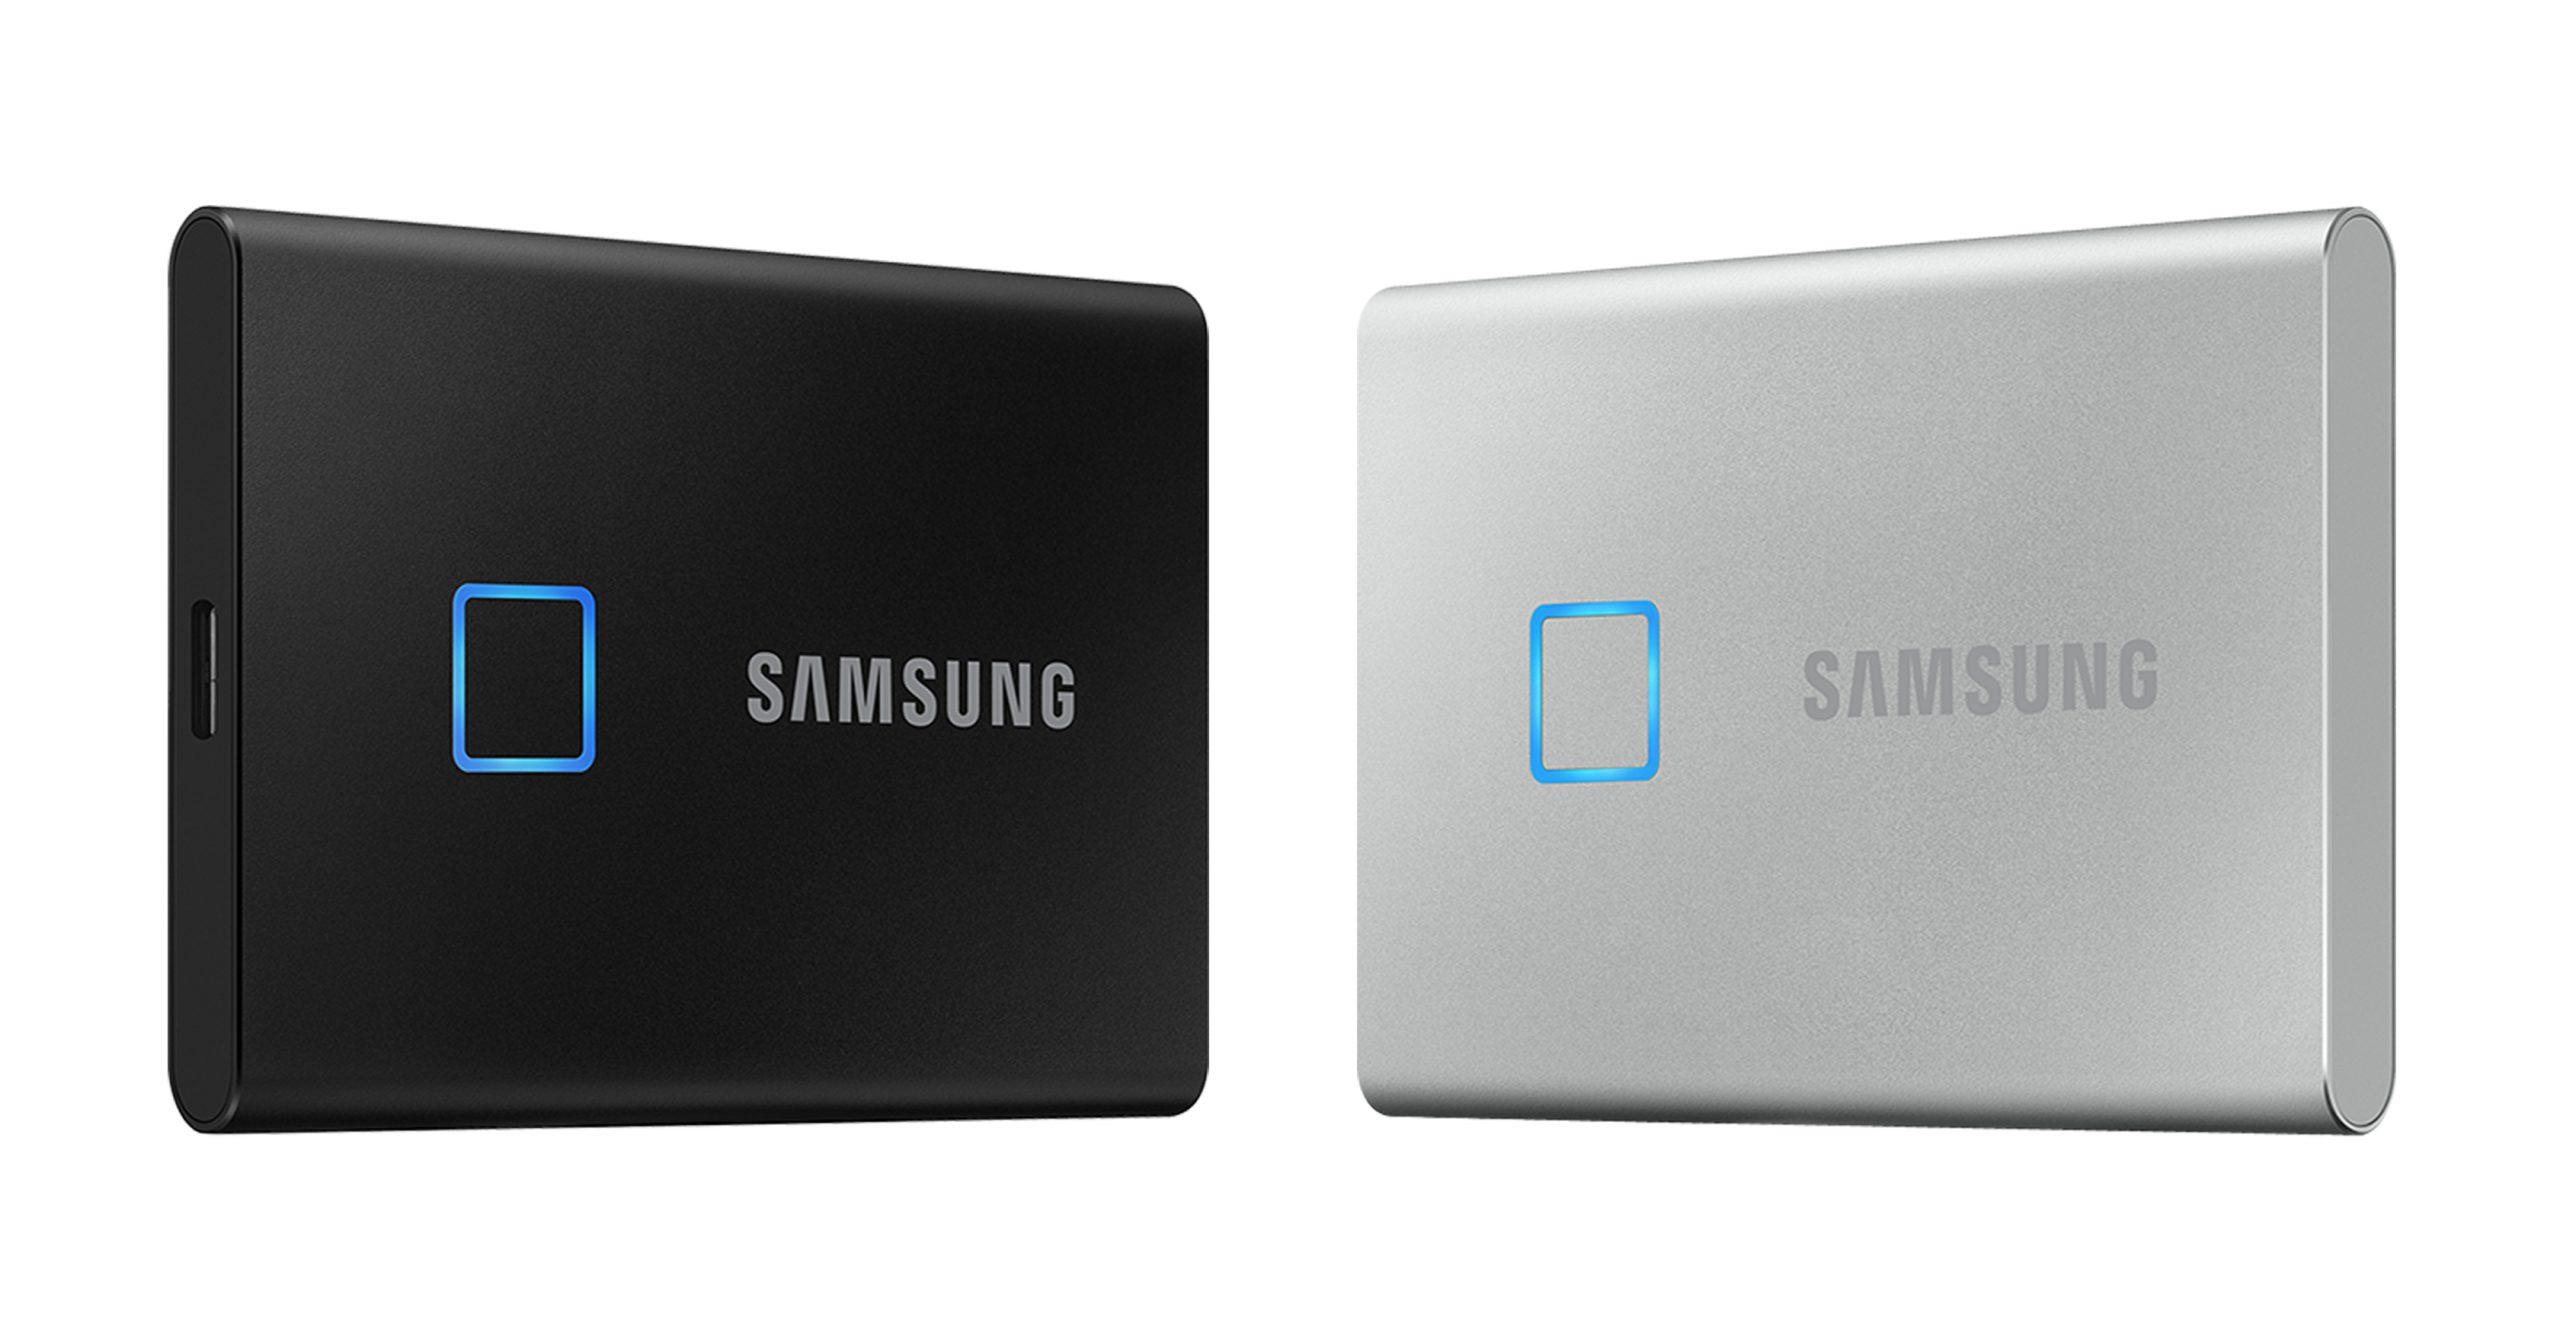 SSD اکسترنال جدید سامسونگ مجهز به سنسور اثر انگشت است